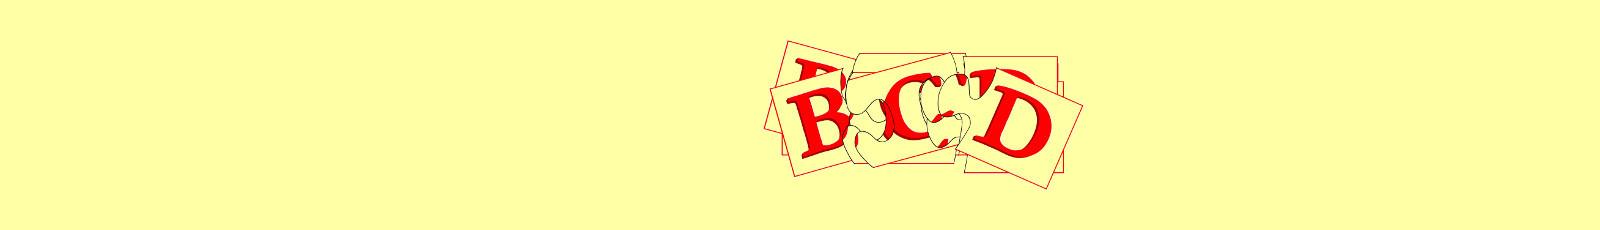 The BCD